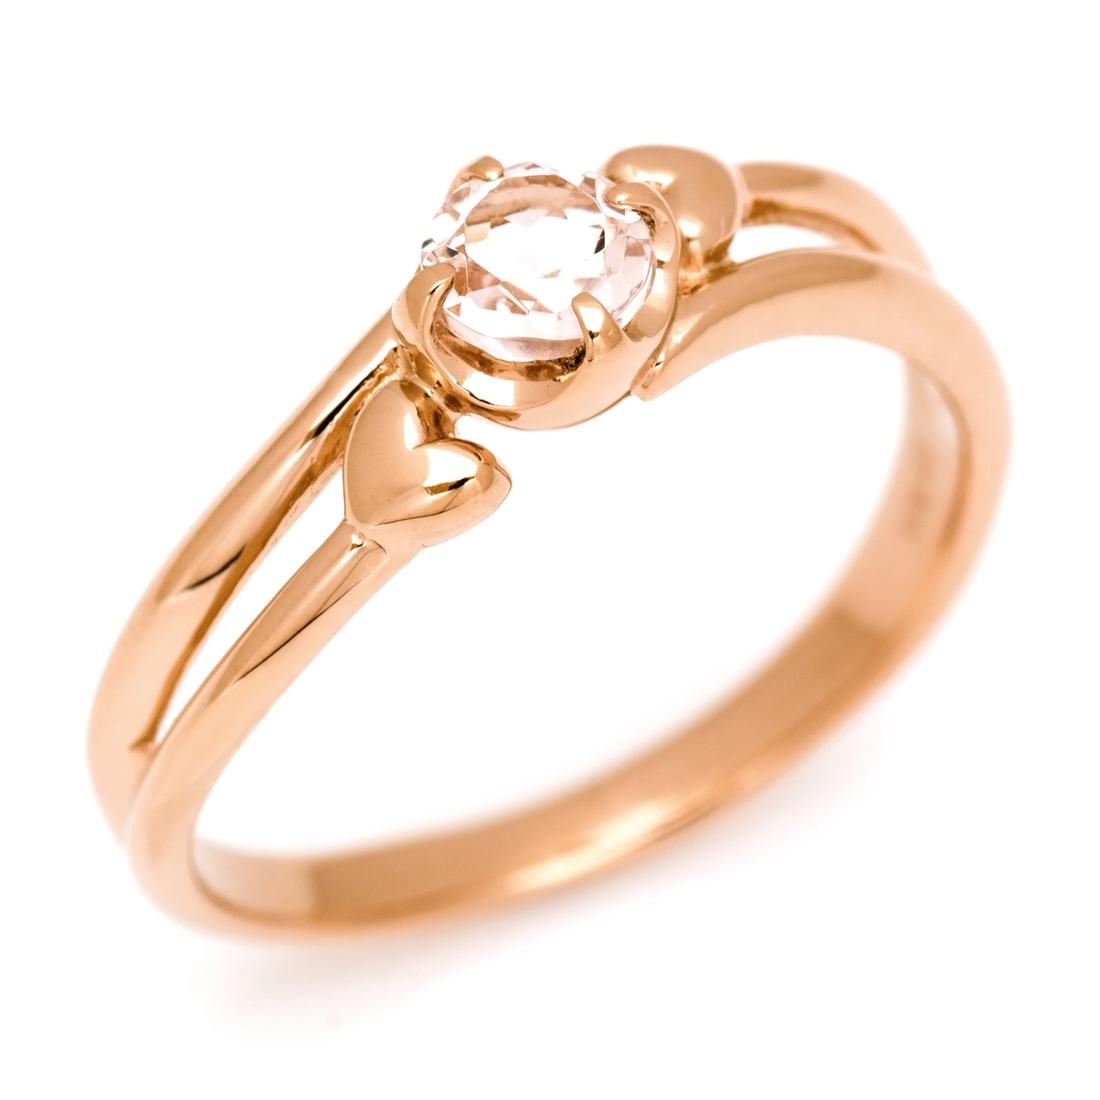 K18 モルガナイト リング 指輪 ゴールド 18K 18金 ハート 刻印 文字入れ メッセージ ギフト 贈り物 ピンキーリング対応可能